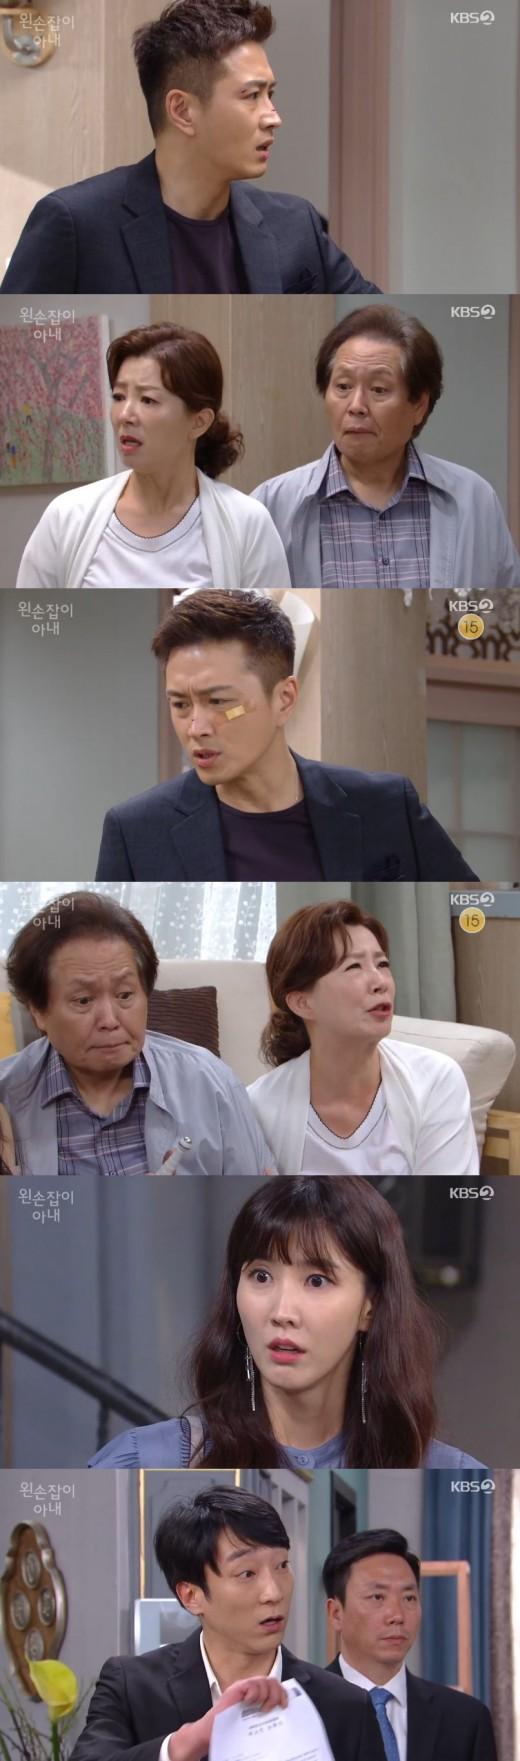 '왼손잡이 아내' 이수경, 사칭혐의로 고소당했다... 최재성과 전면전